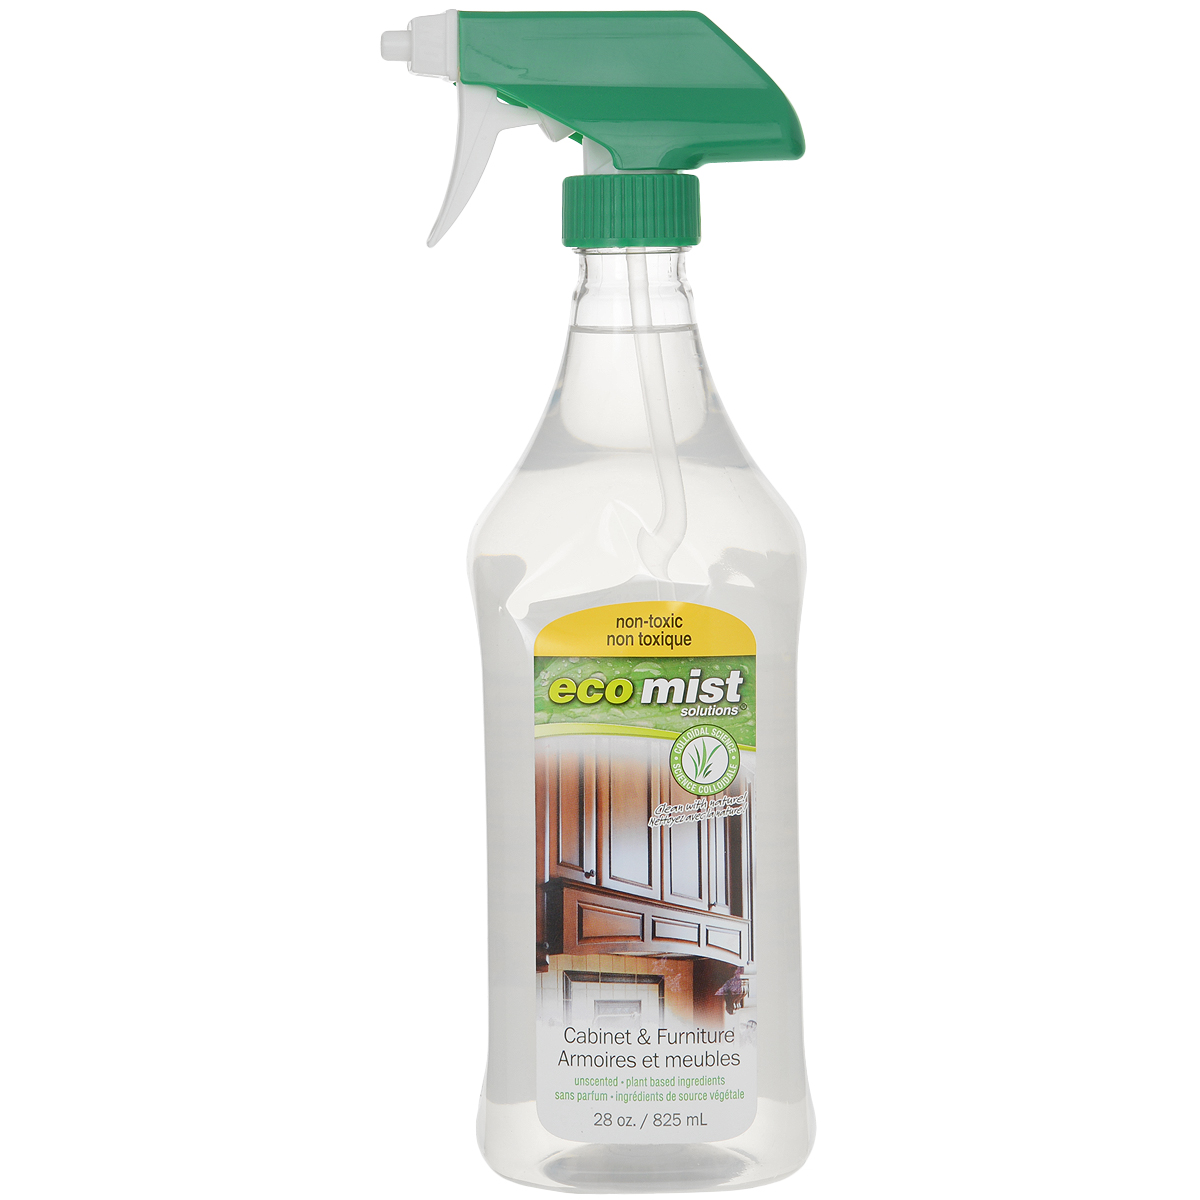 Средство для чистки мебели и уборки в кабинете Eco Mist, 825 млEM825XXFRTR06EFLСпециальное средство Eco Mist для удаления любых видов загрязнений, разводов, пыли с мебели, включая лакированную и из натурального дерева. Не оставляет следов после использования, а также предотвращает повторное оседание пыли. Не токсично. Без запаха. За счет активных полирующих свойств мебель надолго приобретает ухоженный вид, блеск и гладкость поверхностей.Состав: дехлорированная вода, кокос, различные экстракты, сахарный тростник, экстракт картофеля, кукуруза.Как выбрать качественную бытовую химию, безопасную для природы и людей. Статья OZON Гид